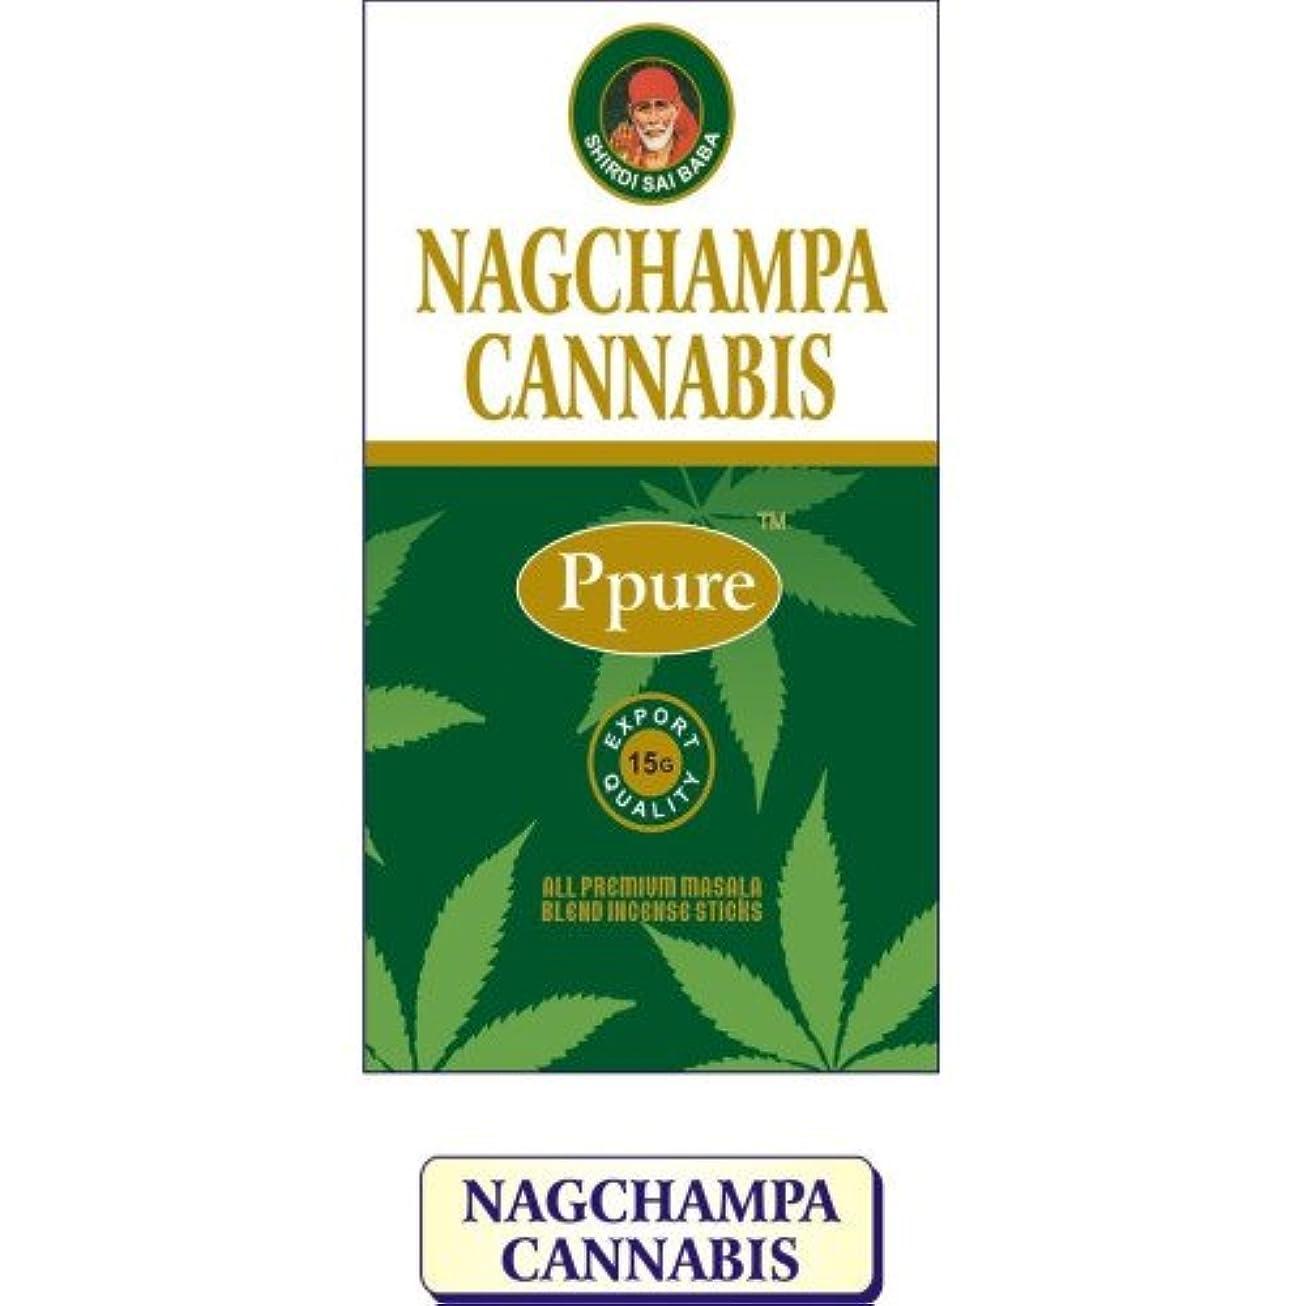 不愉快に寄稿者入口Ppure Nag Champa Cannabis PerfumeプレミアムMasala Incense Sticks 15グラム